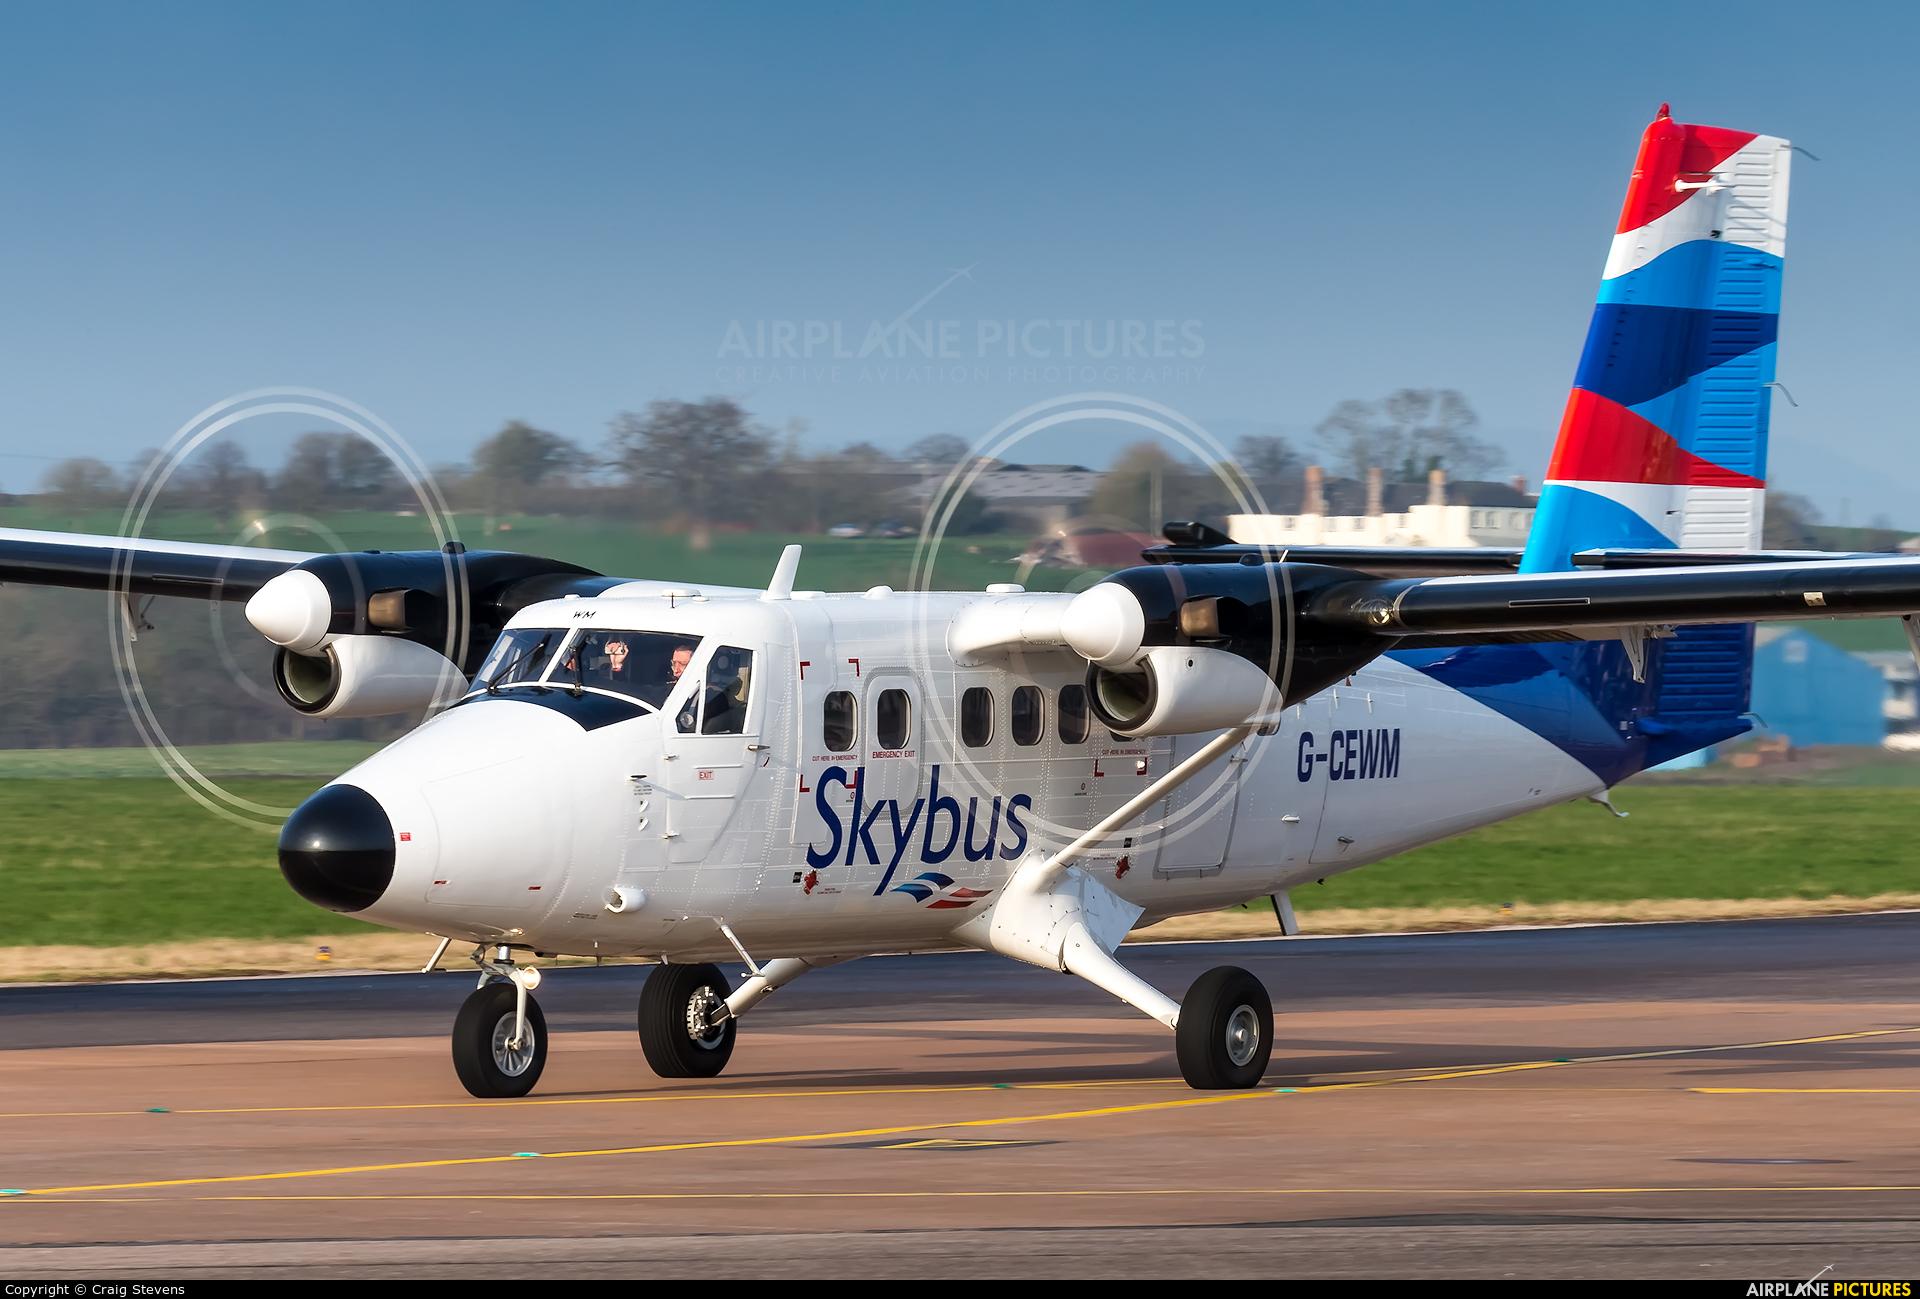 Skybus G-CEWM aircraft at Exeter